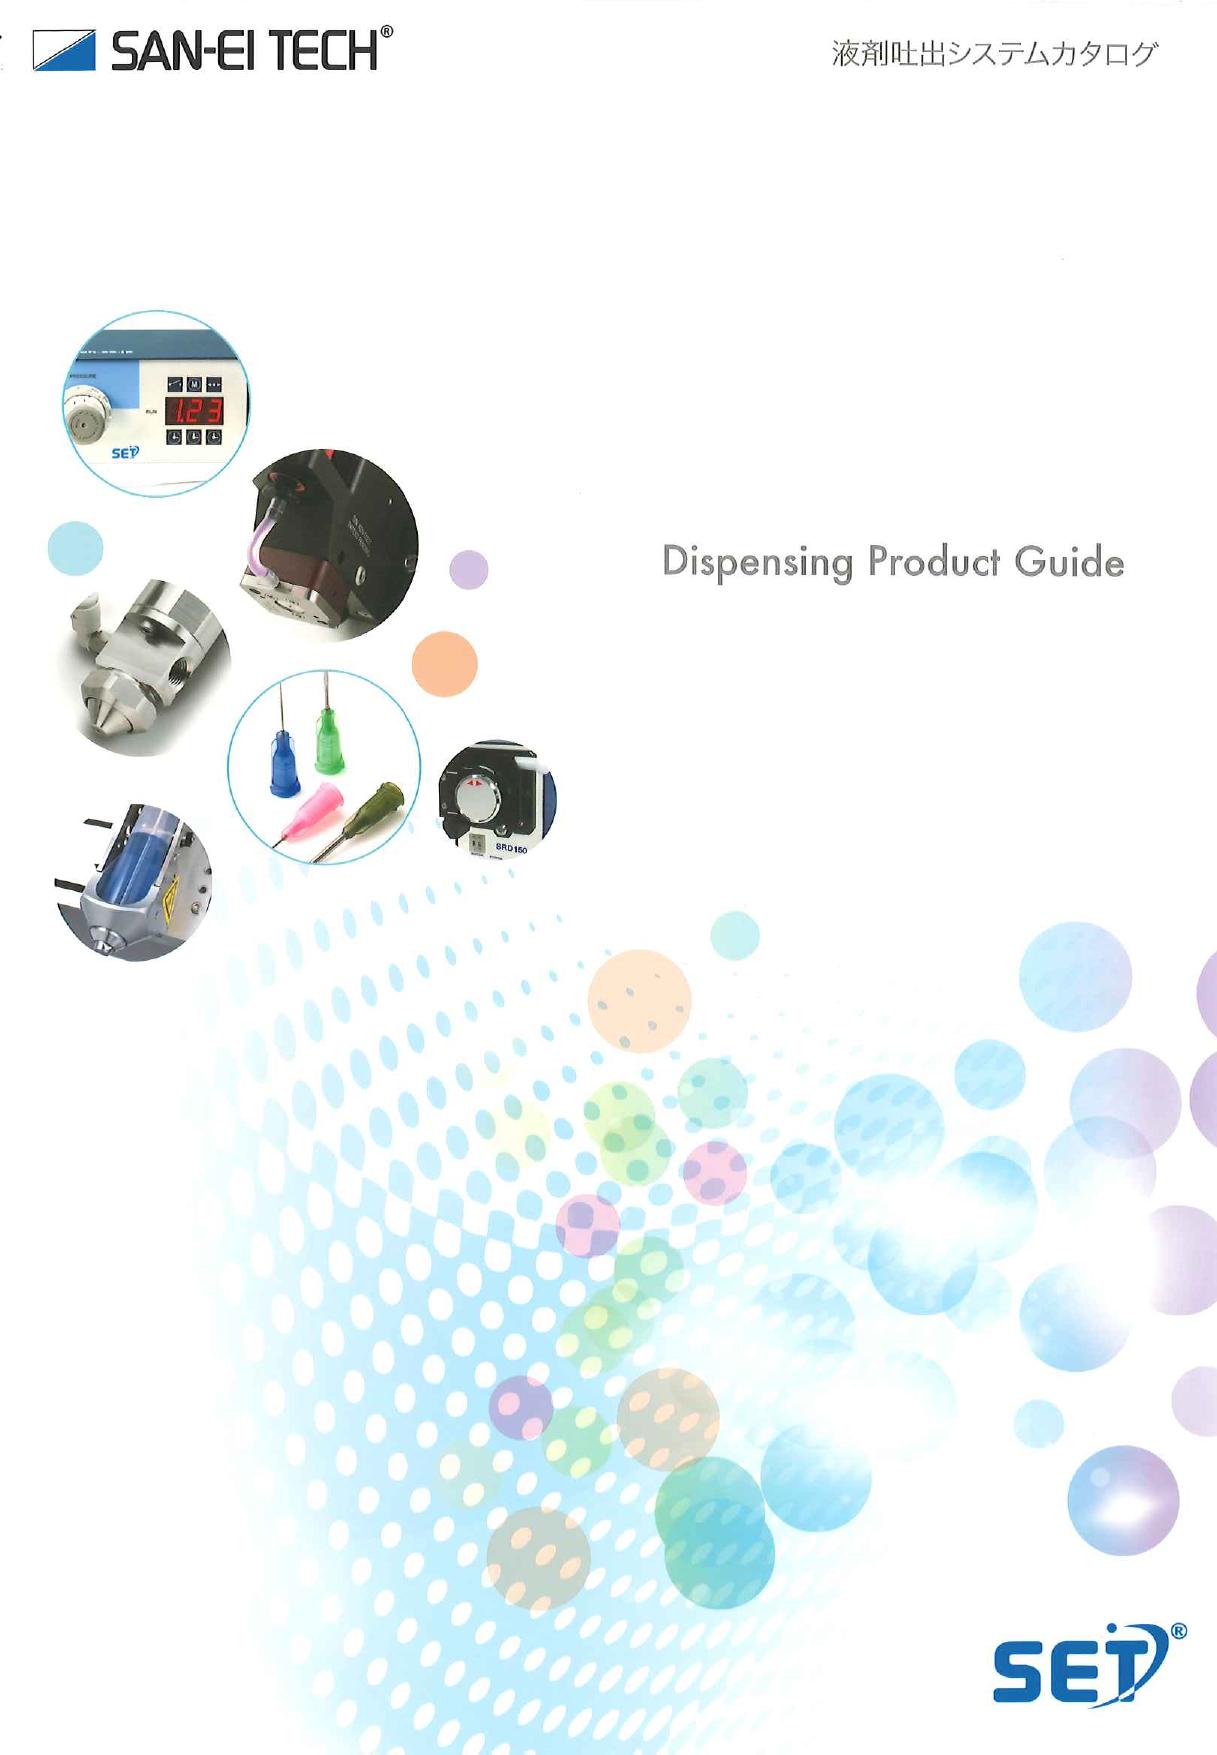 液剤吐出システム 総合カタログ